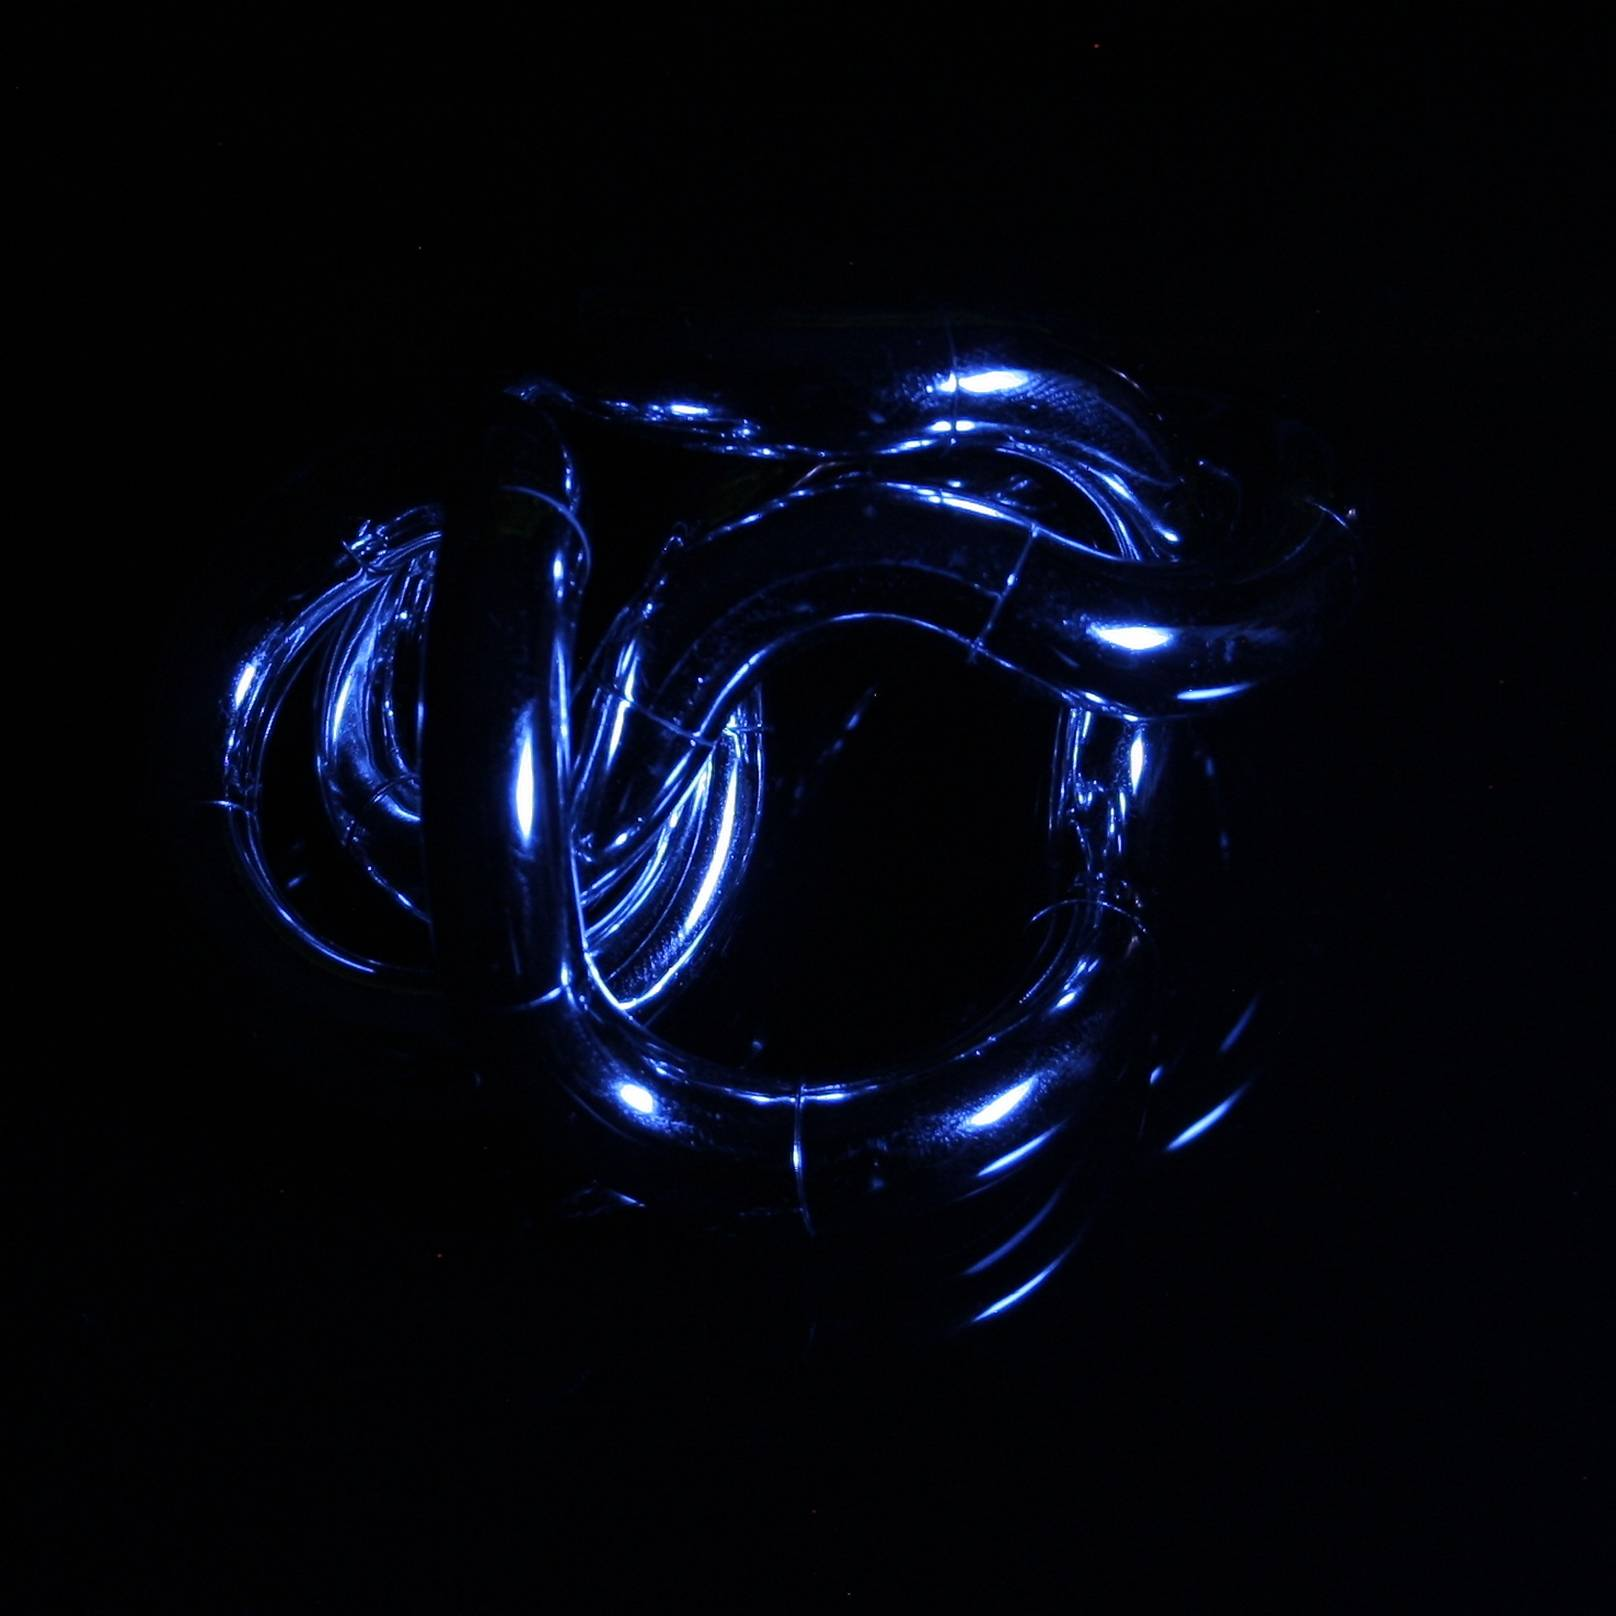 objet serie 2 25 02 2013_0047